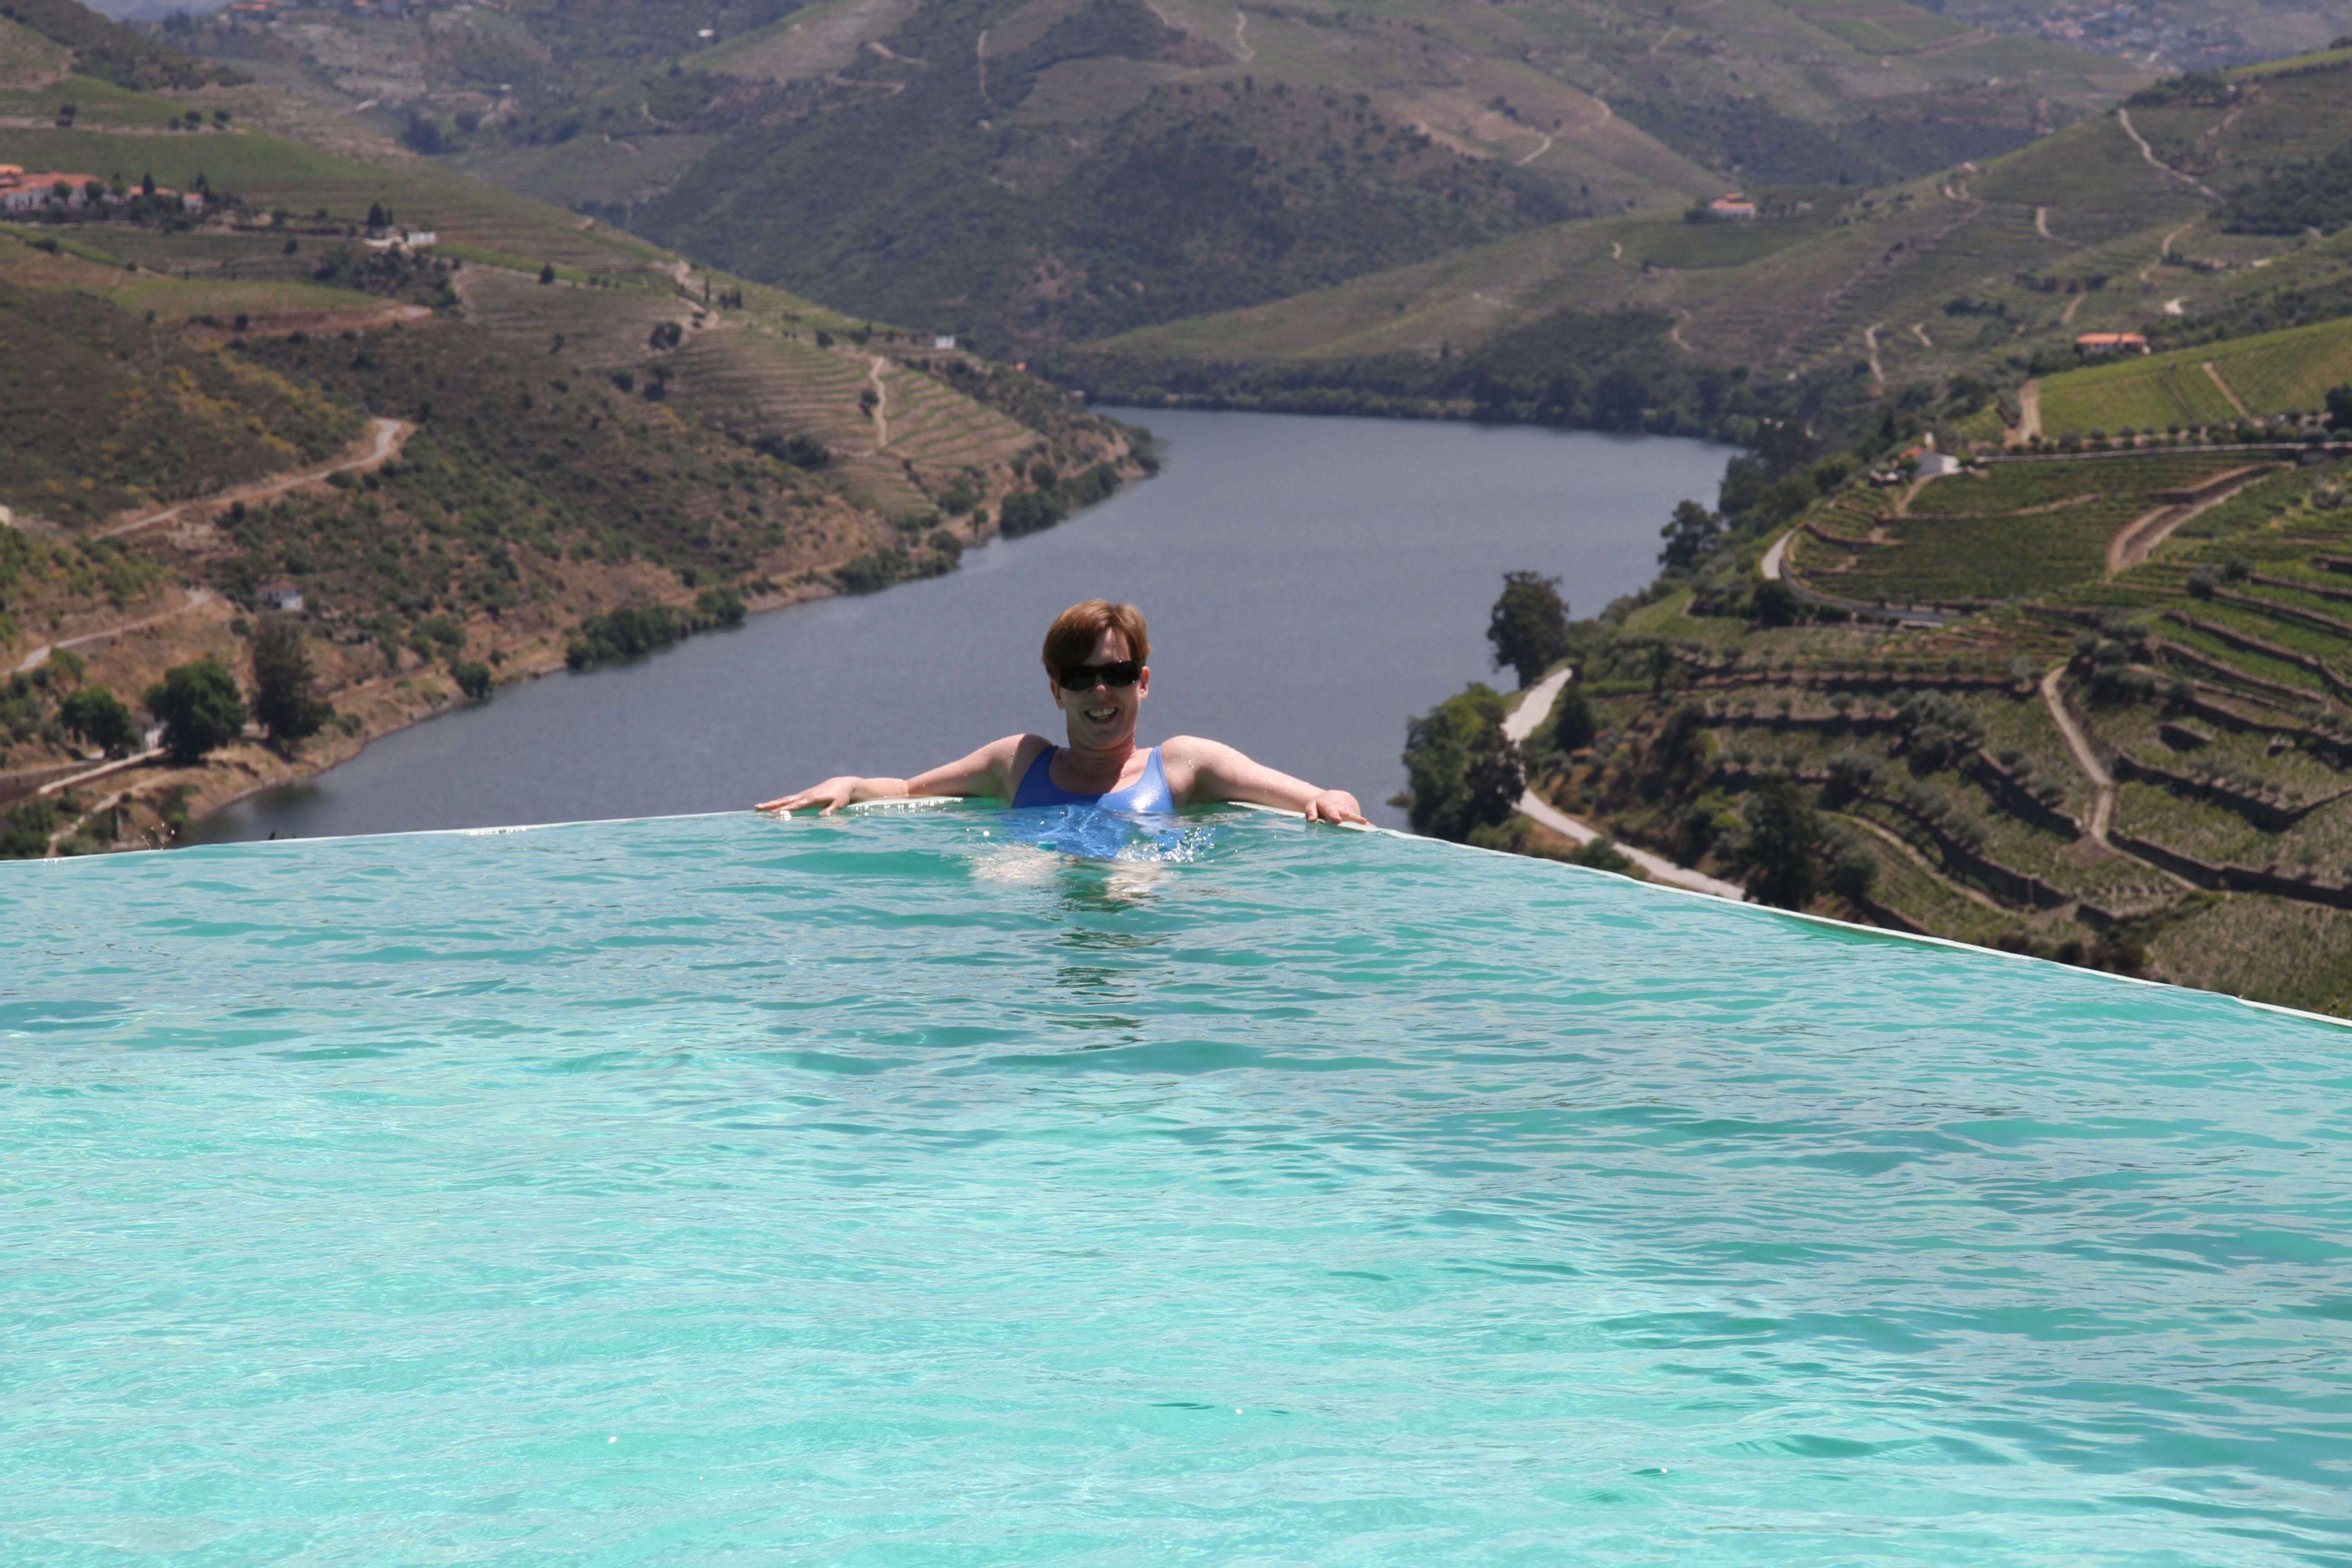 Entspannen und Relaxen im Infinity-Pool auf dem Weingut Quinta de Tourais im Douro-Tal